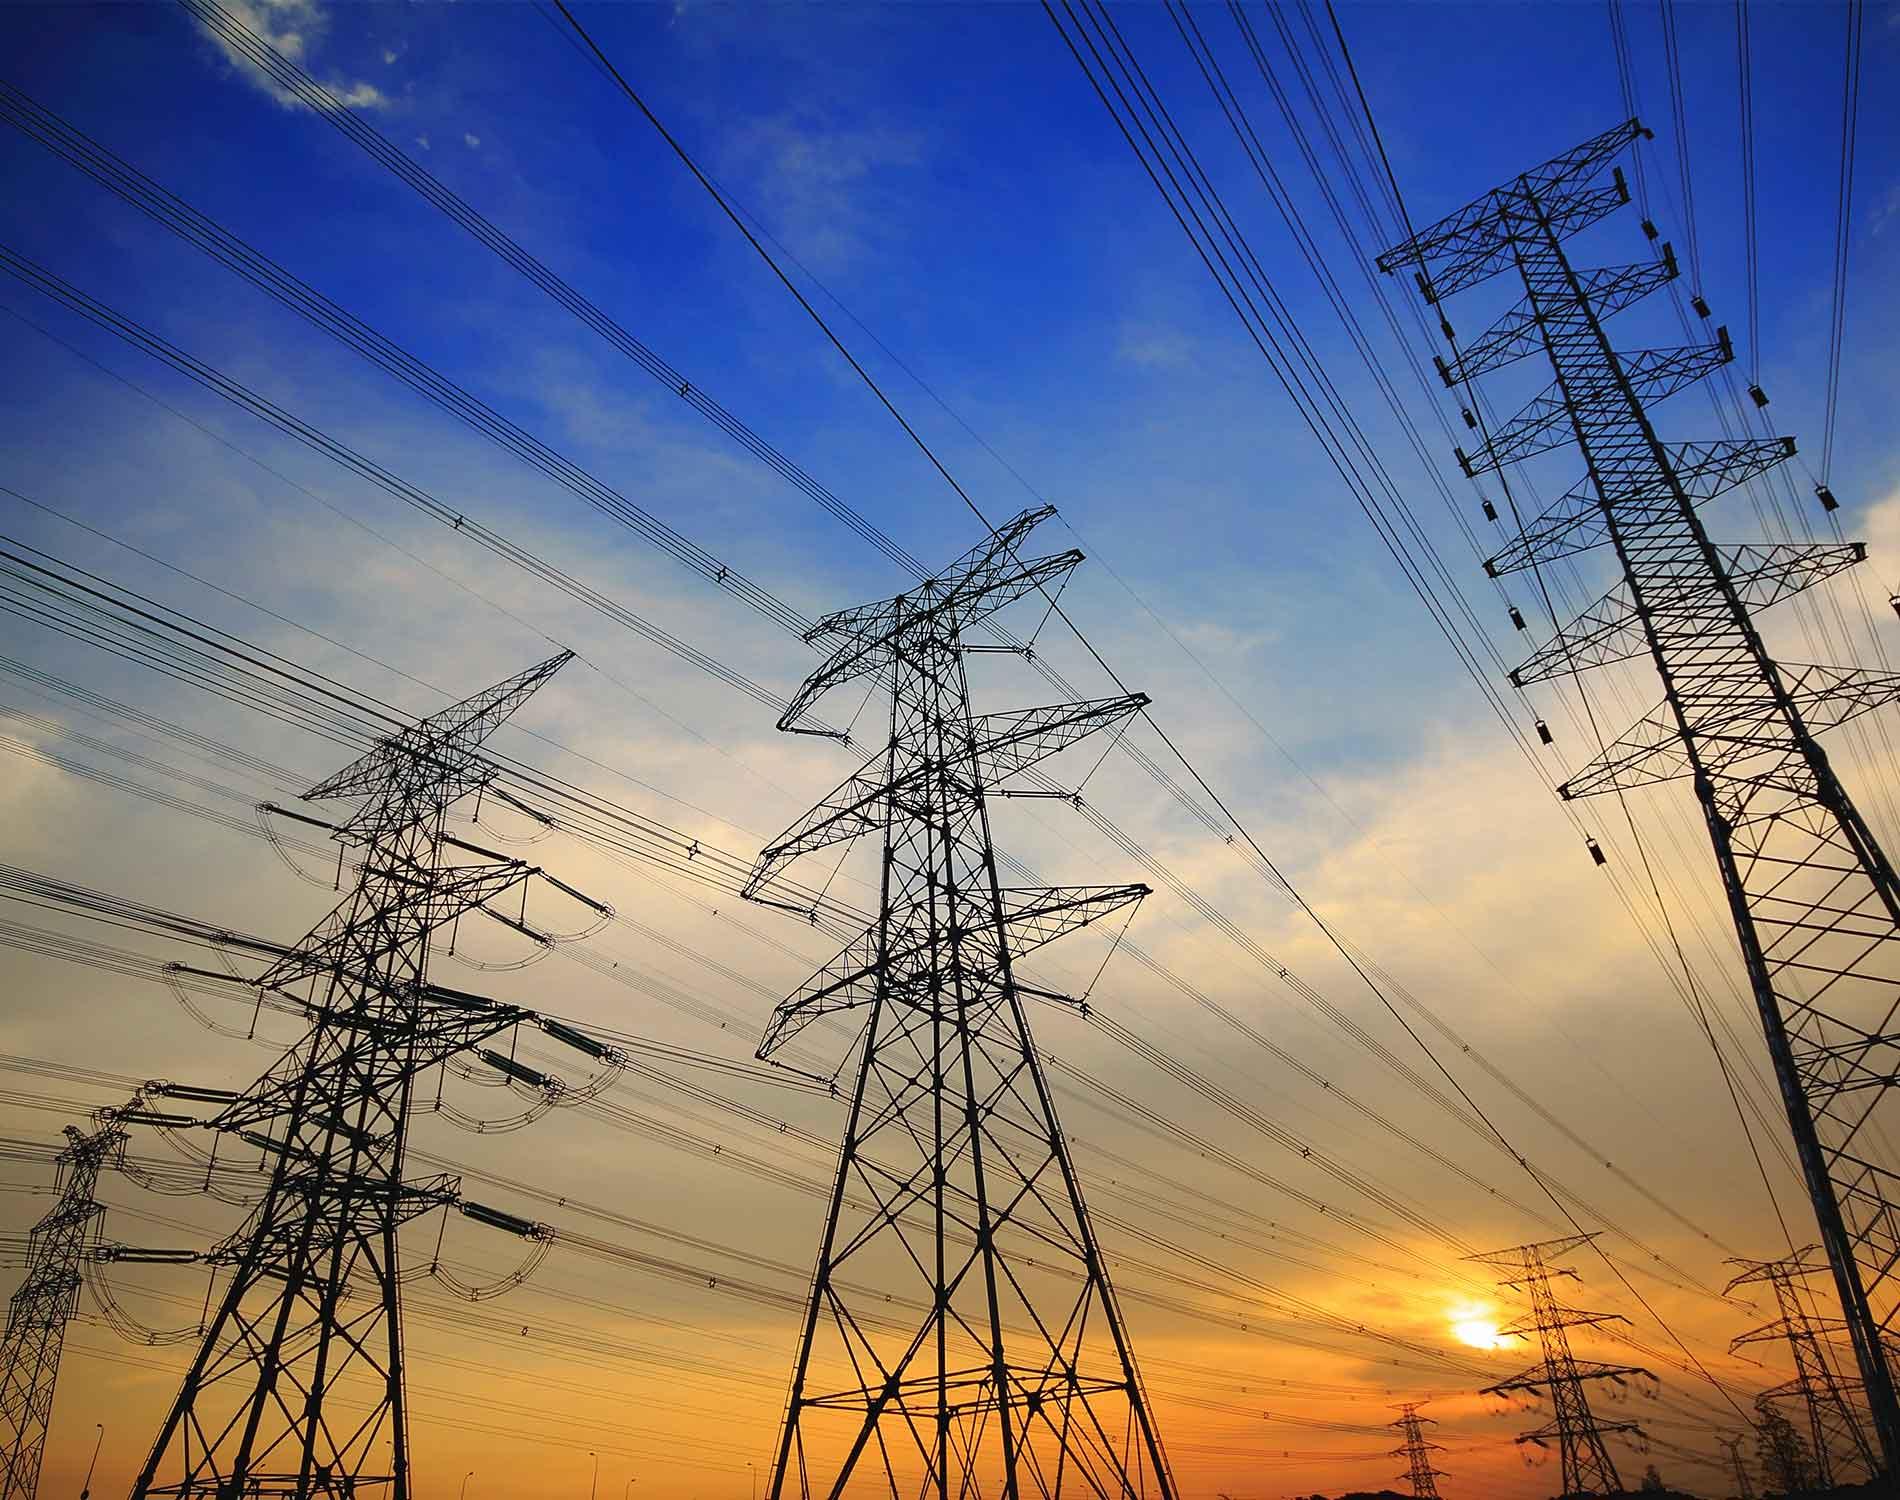 Сливенски депутат: Заплашени сме от нова наказателна процедура заради енергетиката